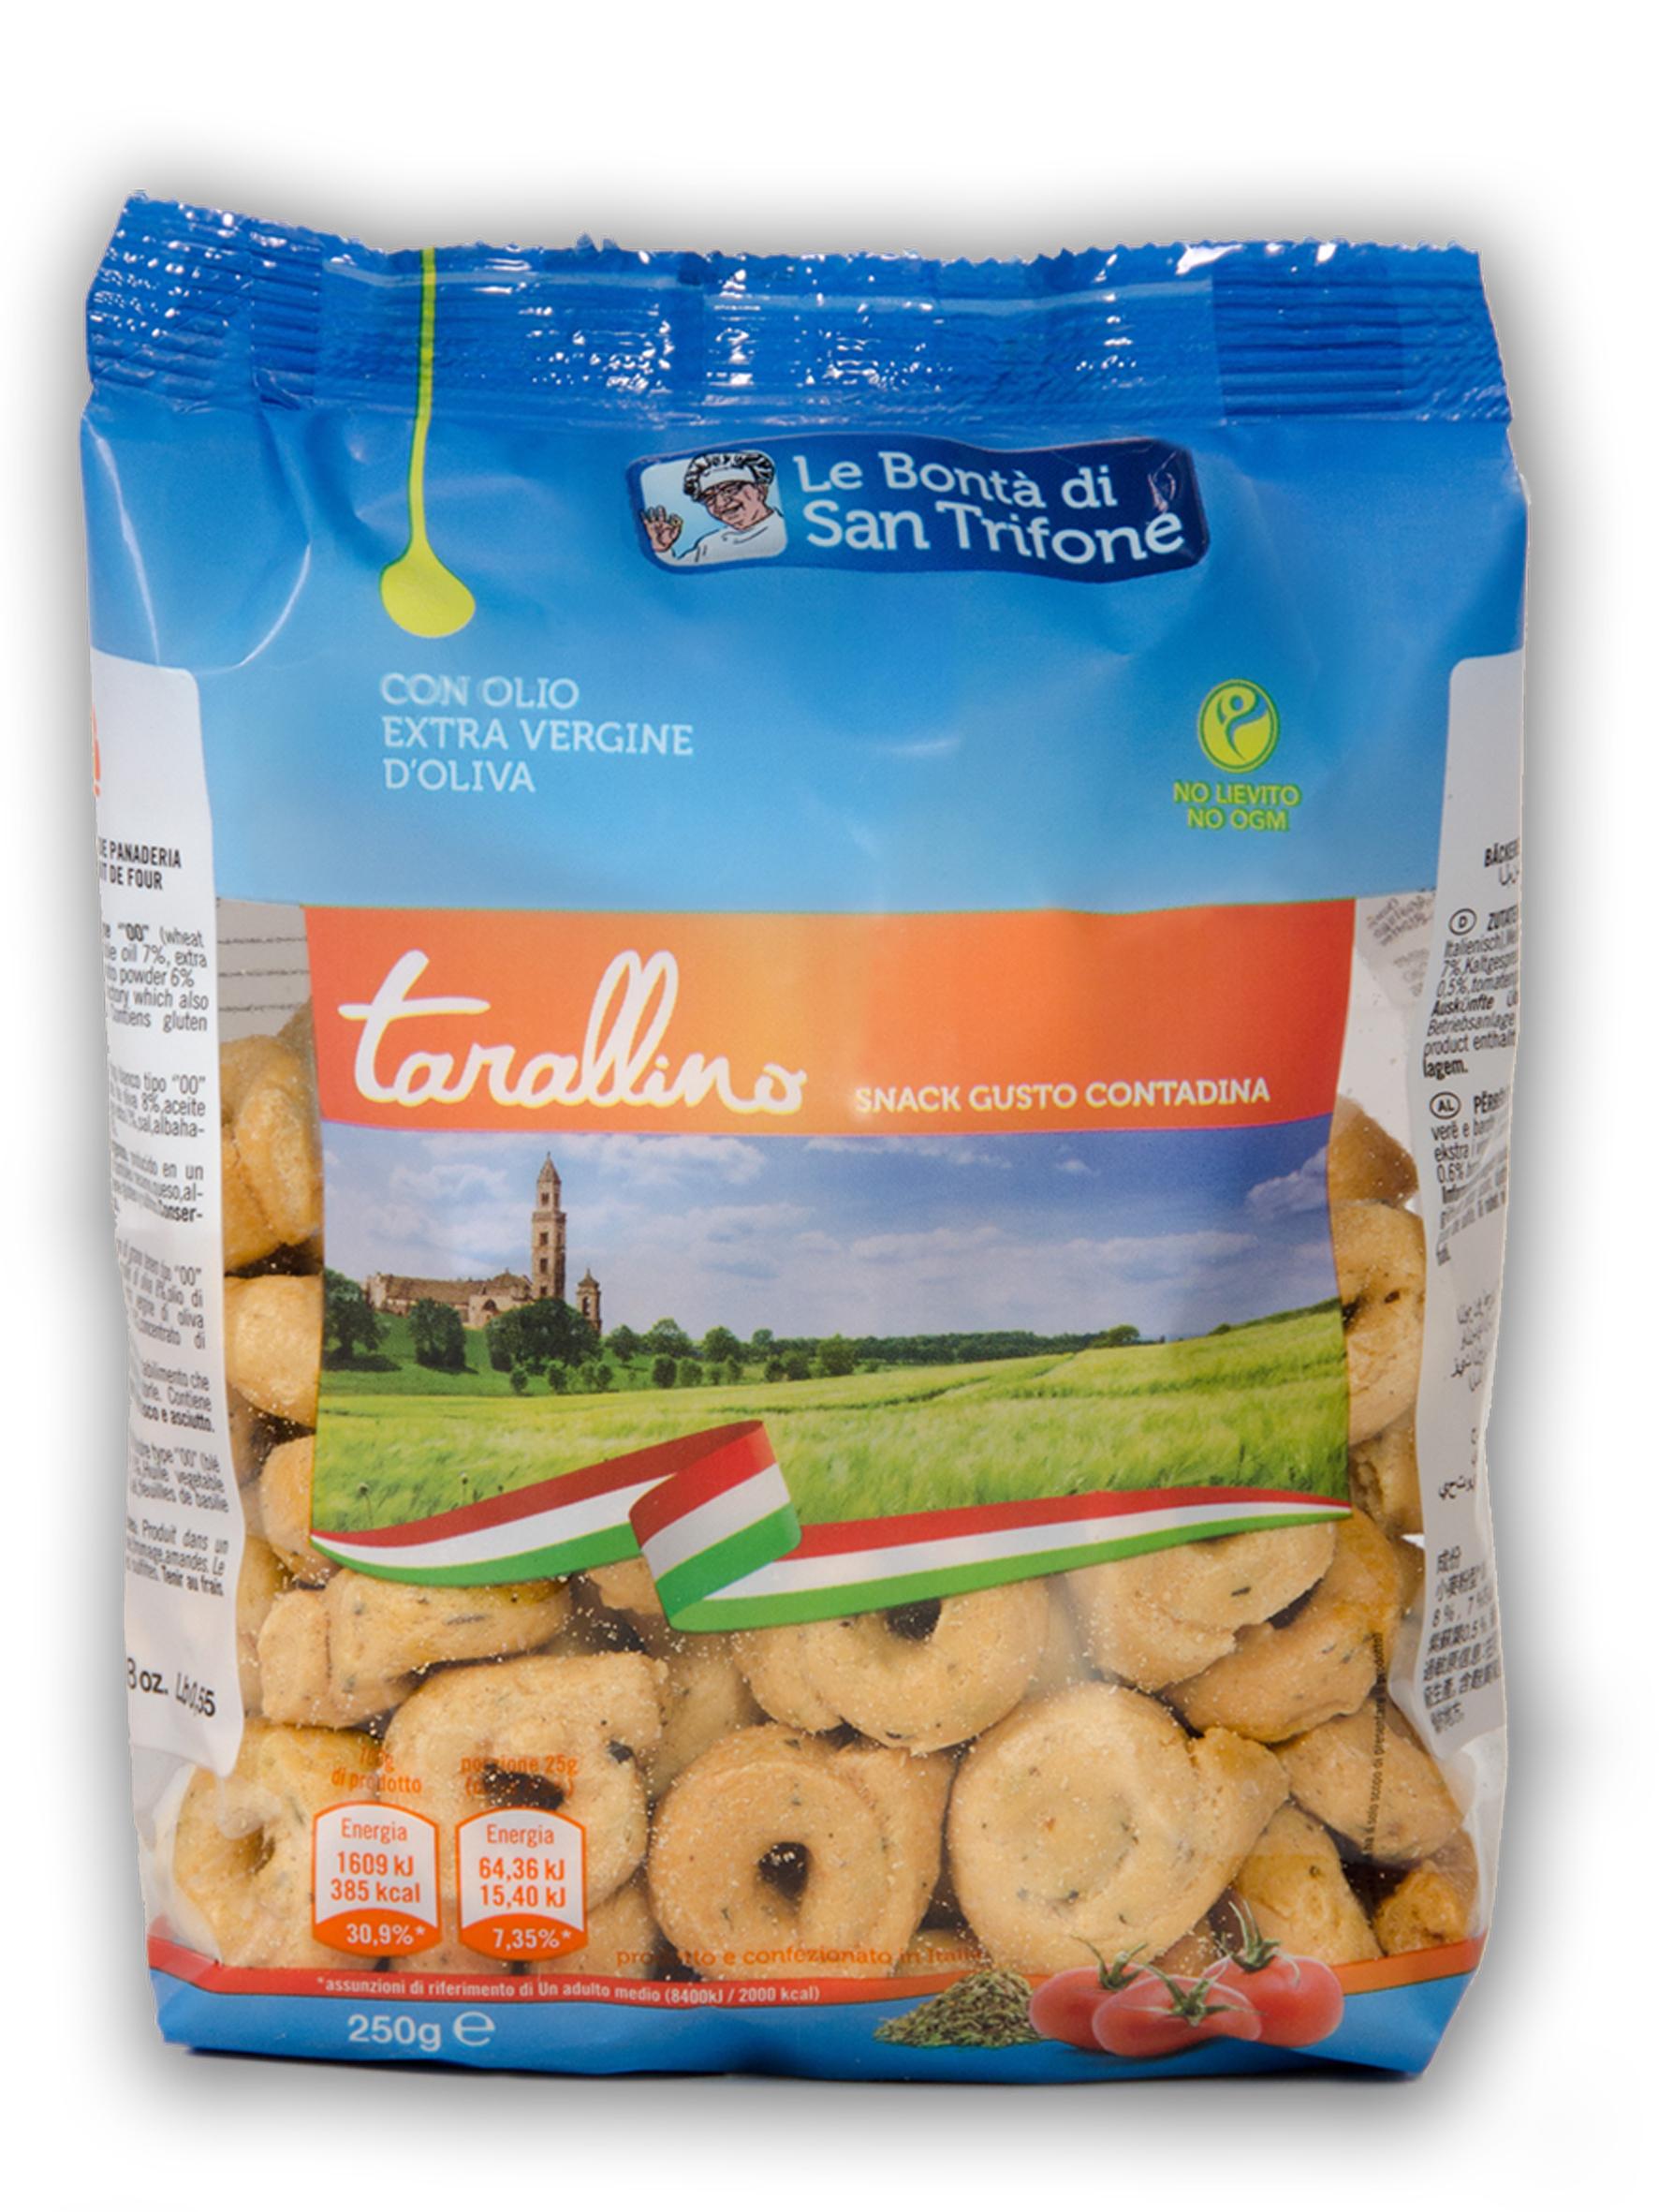 Taralli Friabili (gusto contadina)